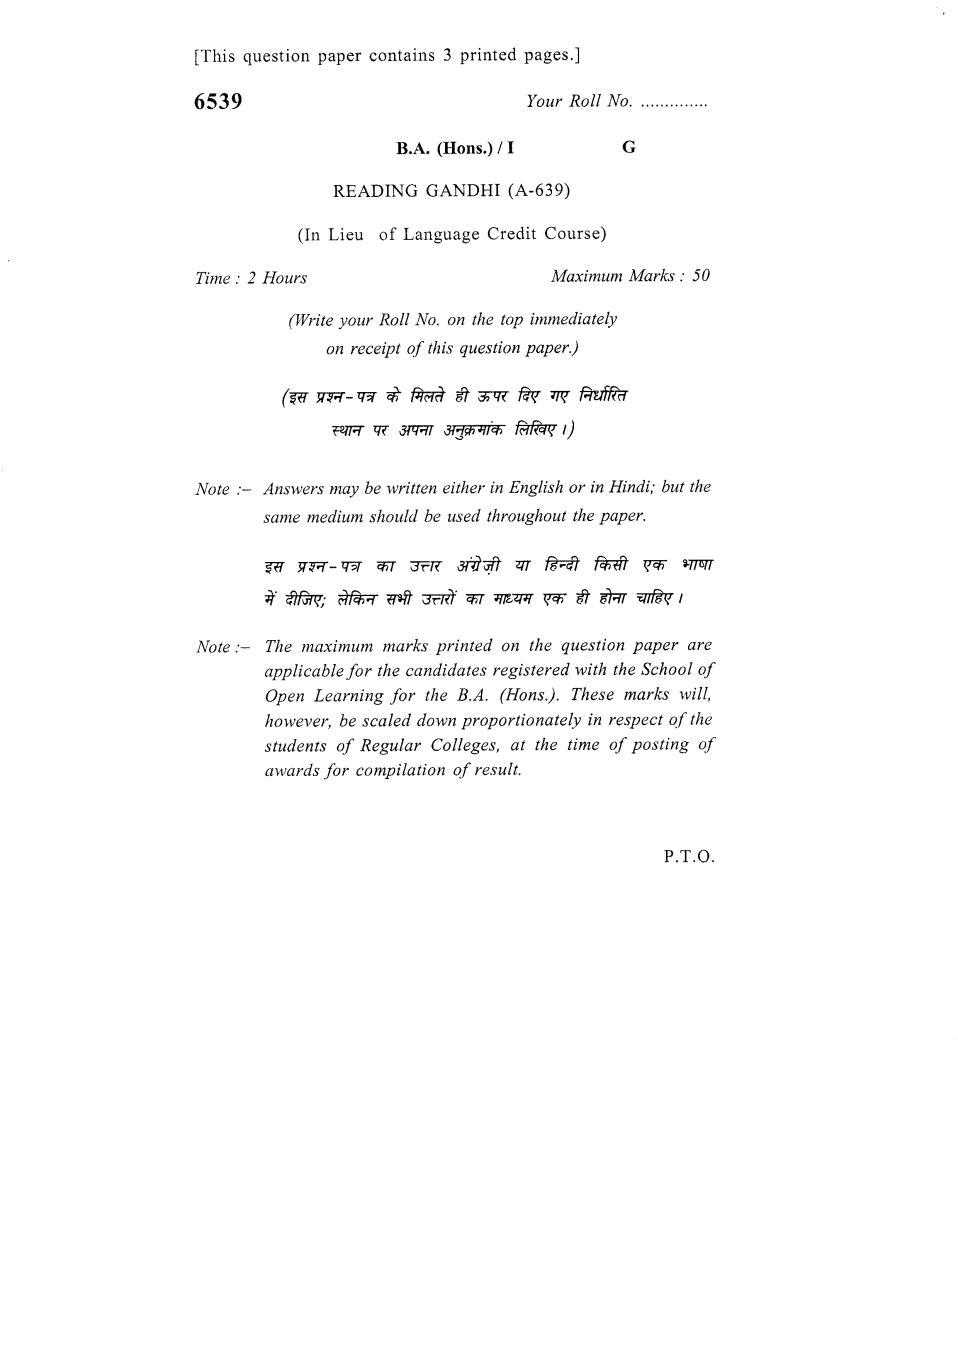 DU SOL Question Paper 2018 BA (Hons.) Reading Gandhi - Page 1